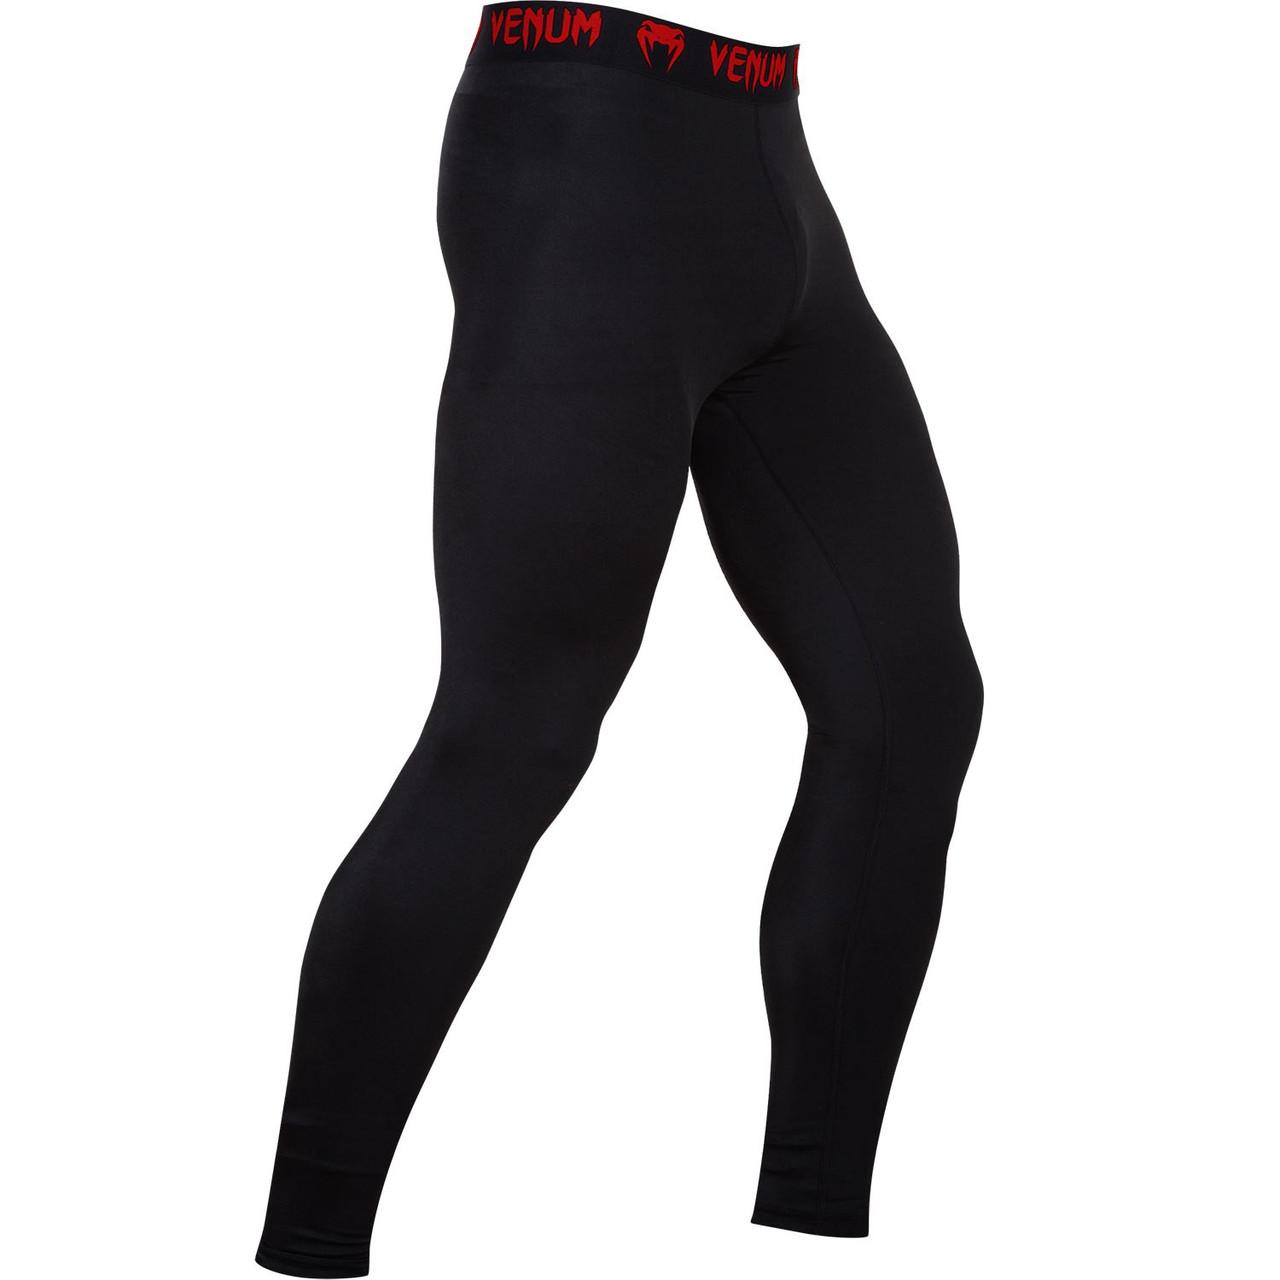 Компрессионные штаны Venum Contender 2.0 black XL